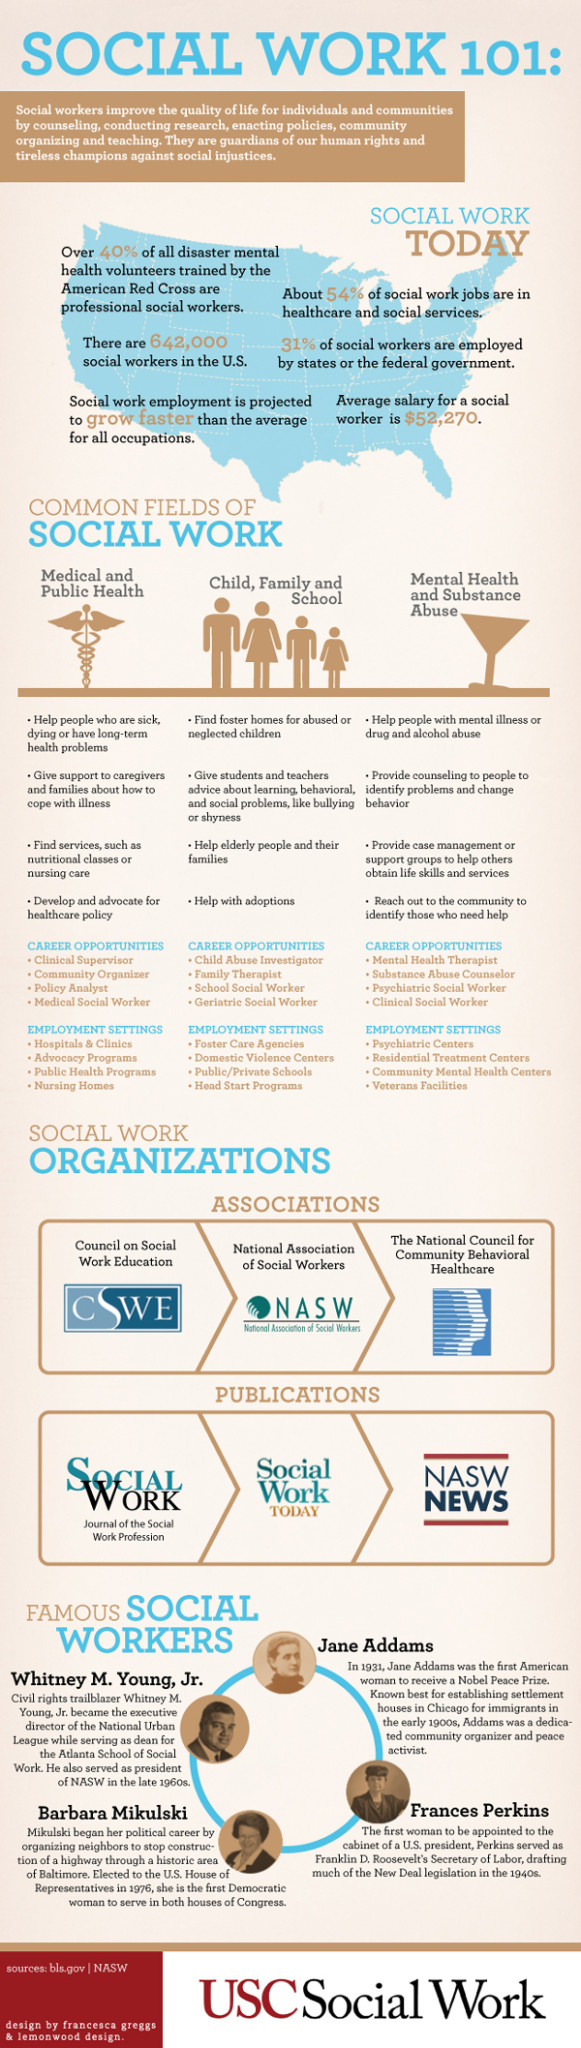 MSW-IG-Social-Work-101-600